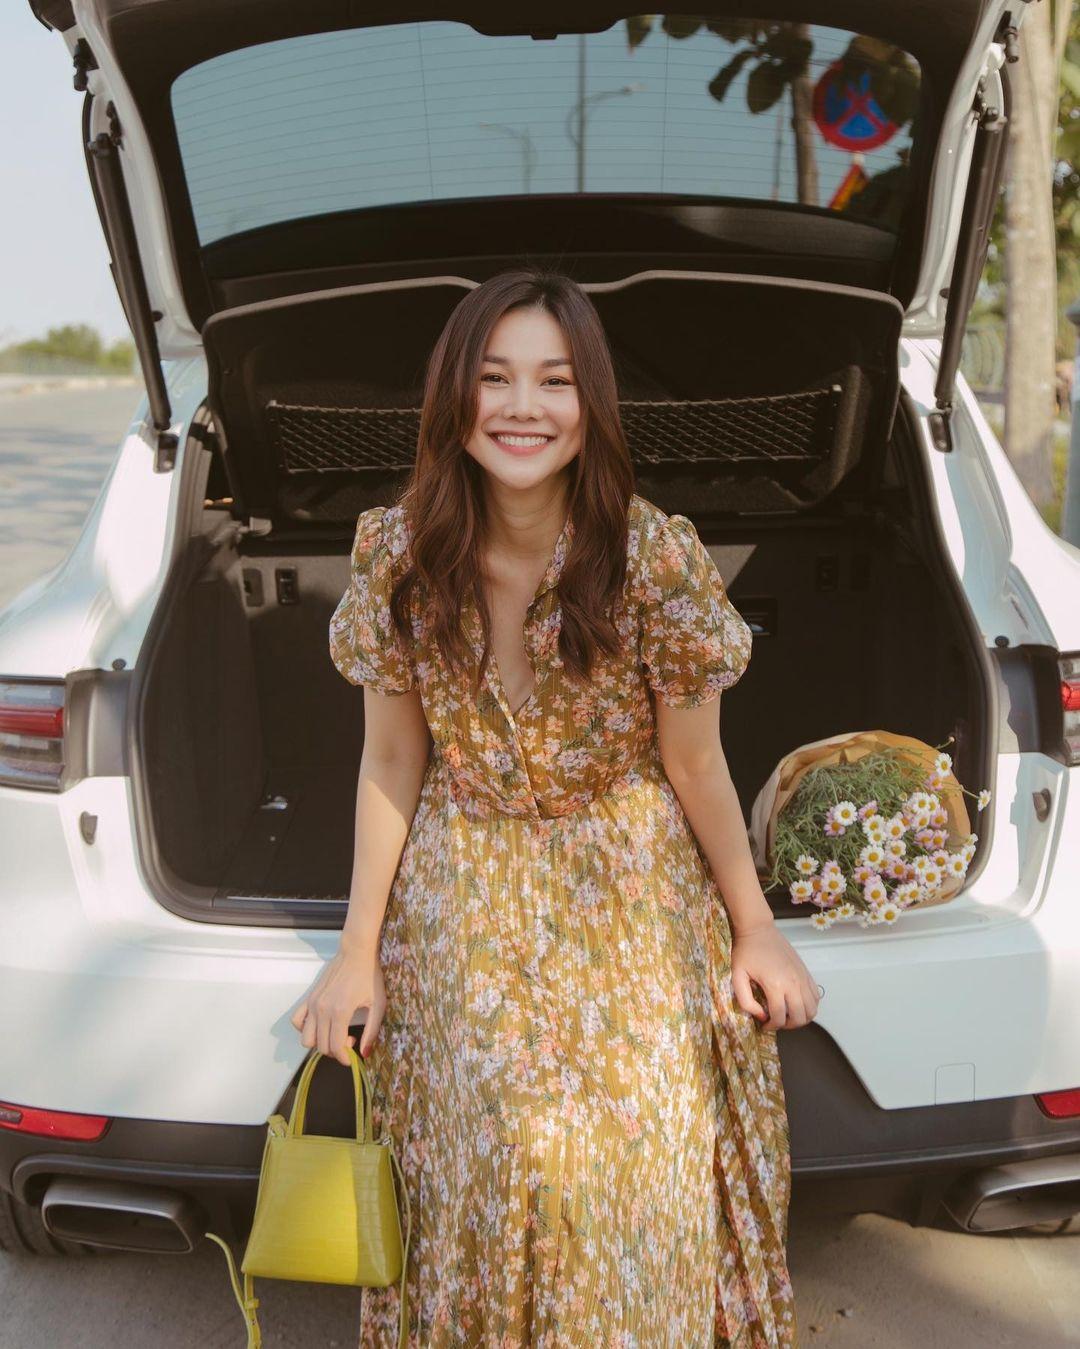 Thanh Hằng diện cả loạt đồ bình dân giá rẻ, từ váy hoa điệu đà đến suit công sở đều max xinh - Ảnh 5.